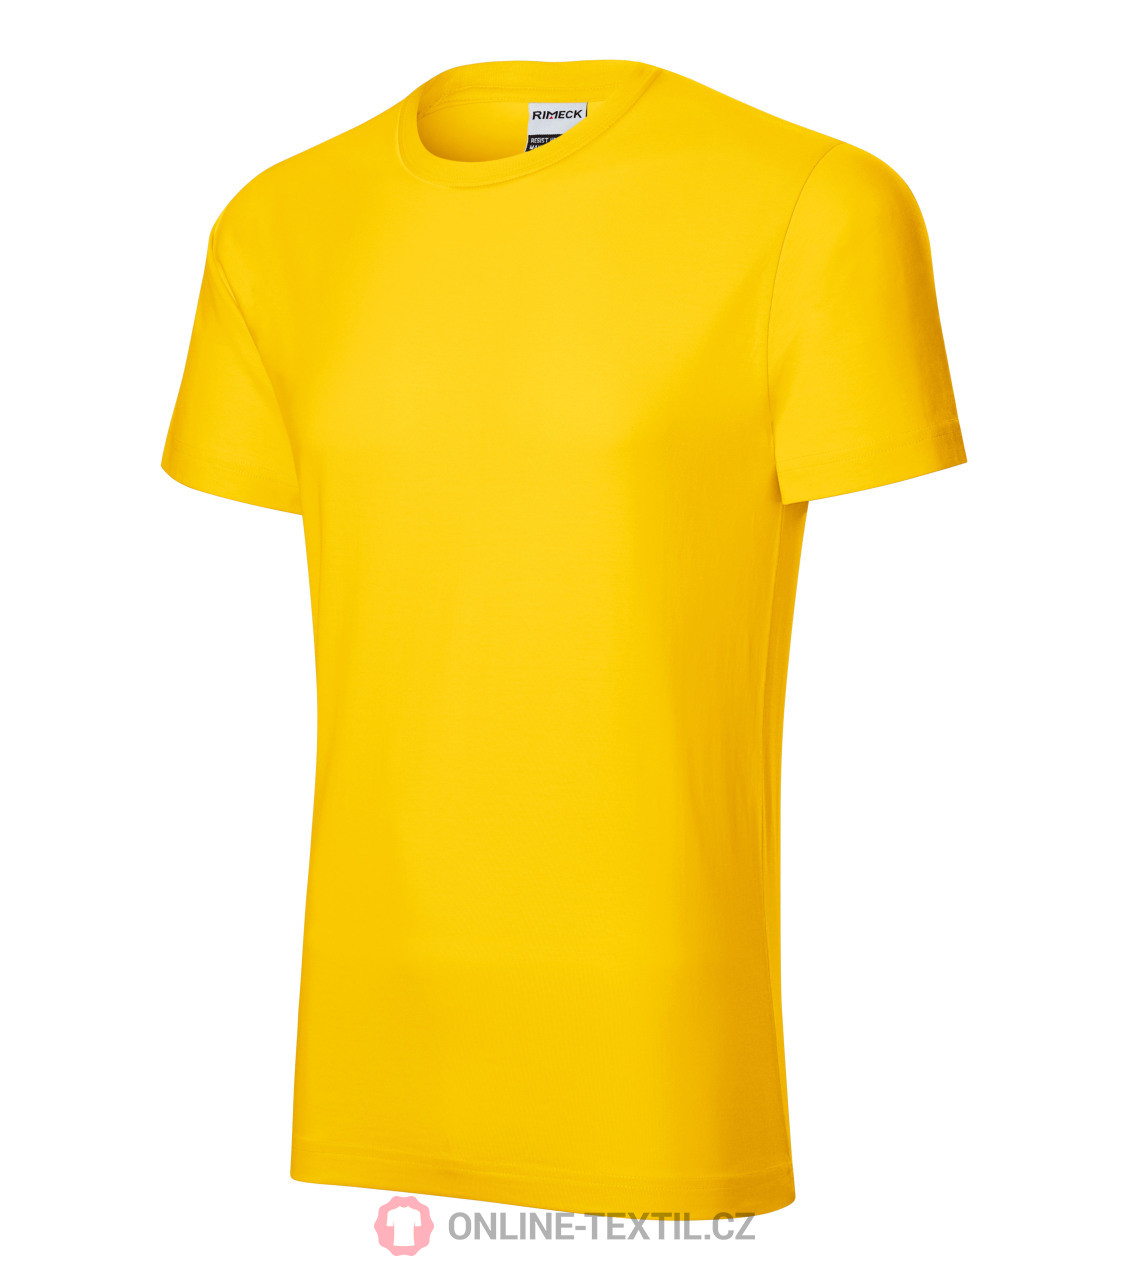 ae9c1d67418 ADLER CZECH Rimeck Resist heavy odolné pracovní tričko pánské R03 ...